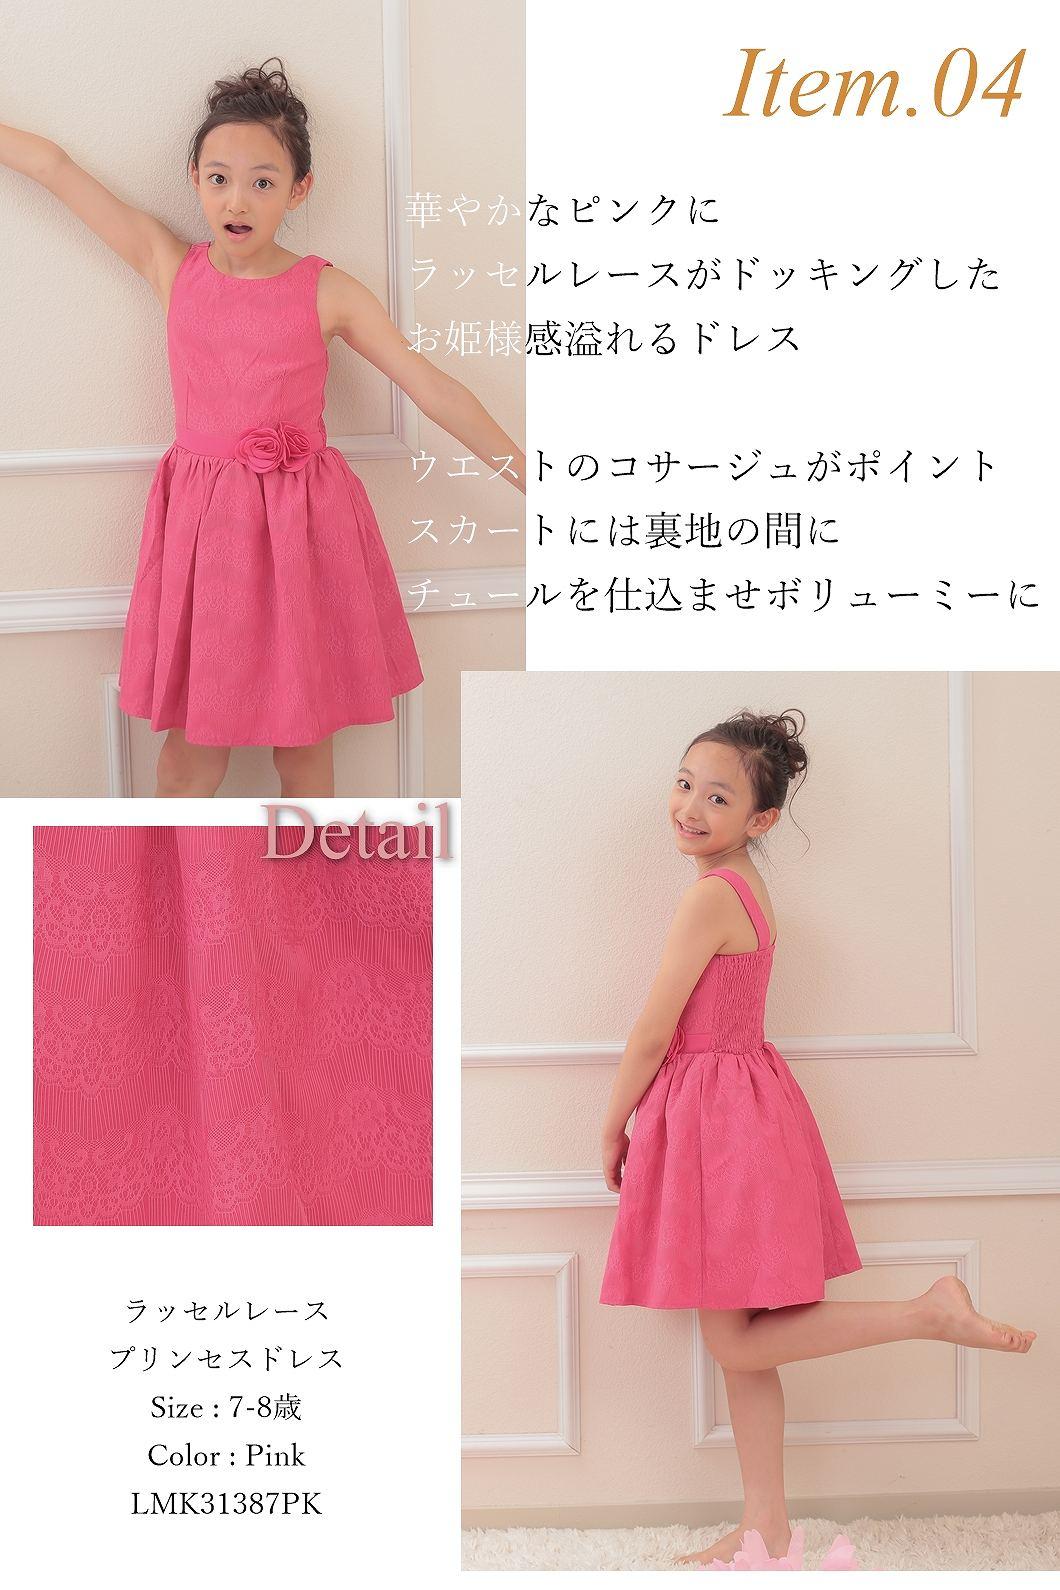 華やかなピンクが女の子の気分を上げるキッズドレス